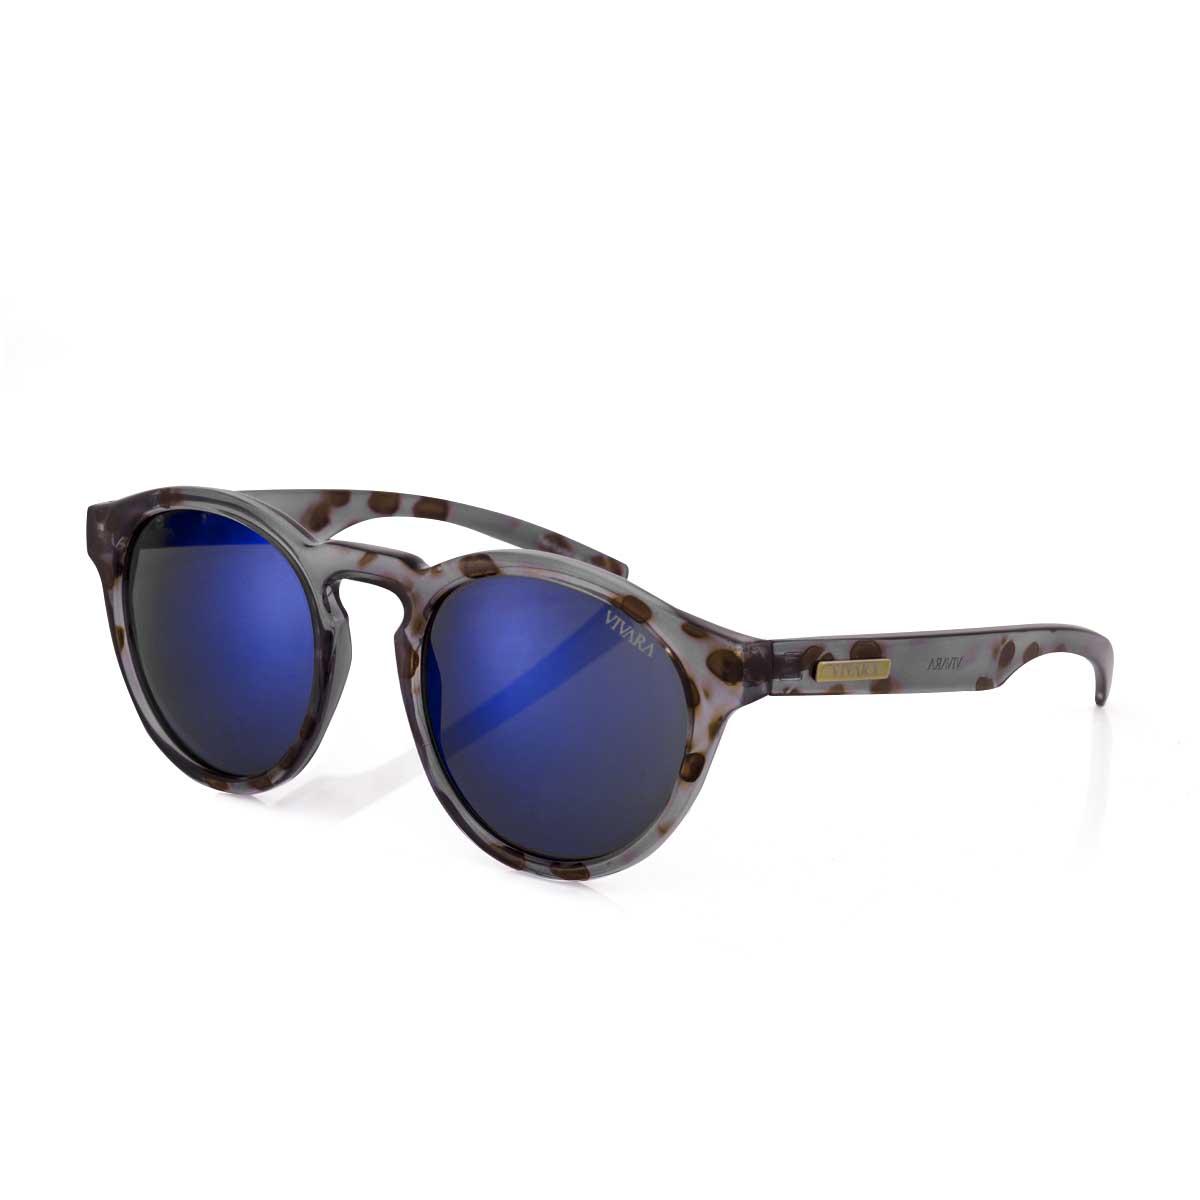 999af6134 Óculos de Sol Redondo em Acetato Tigre Cinza